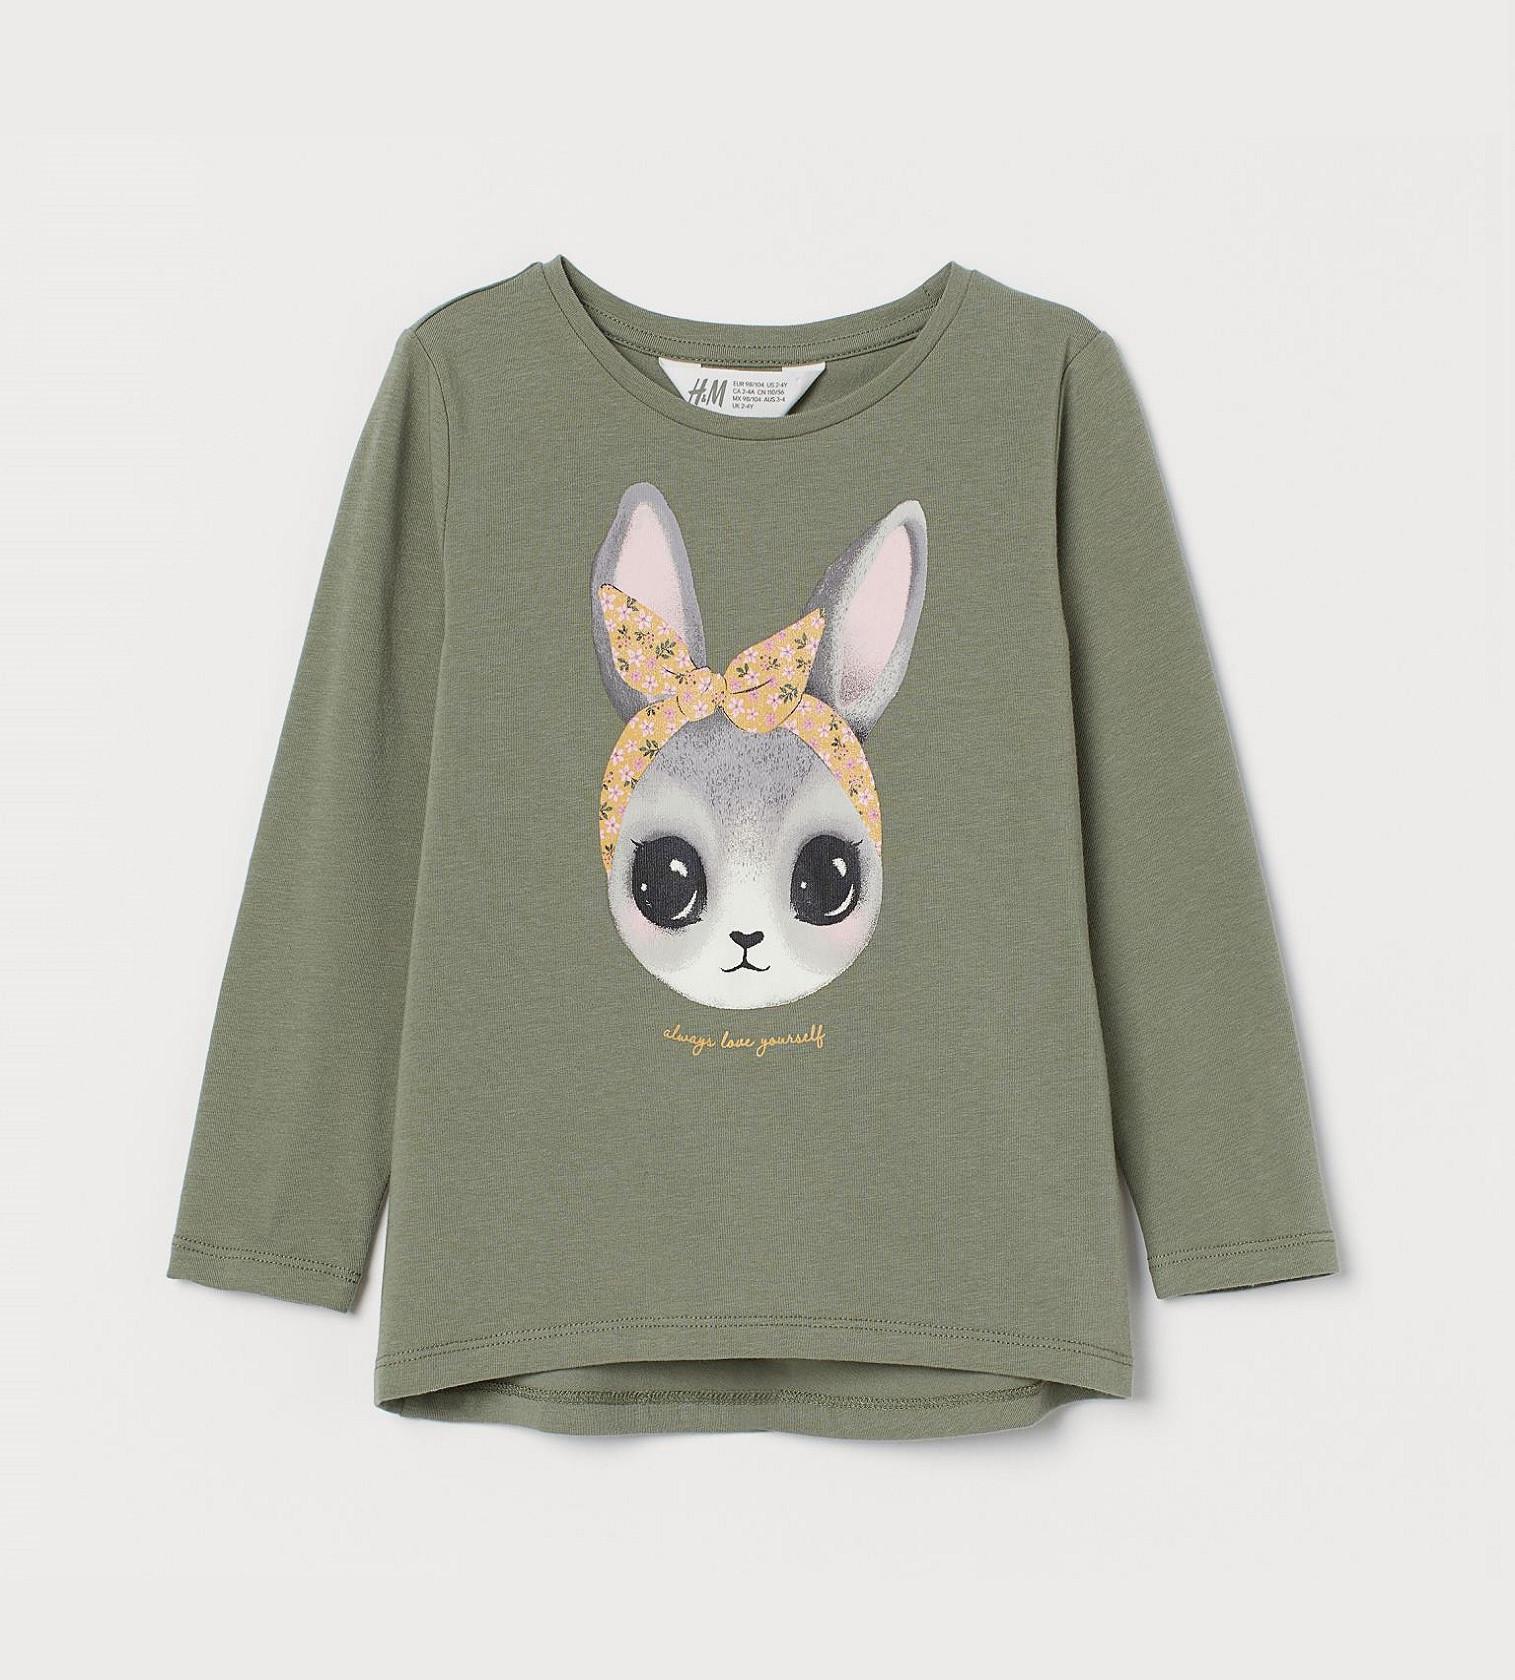 Купити Реглан H&M Зелений хакі / Кролик - фото 1